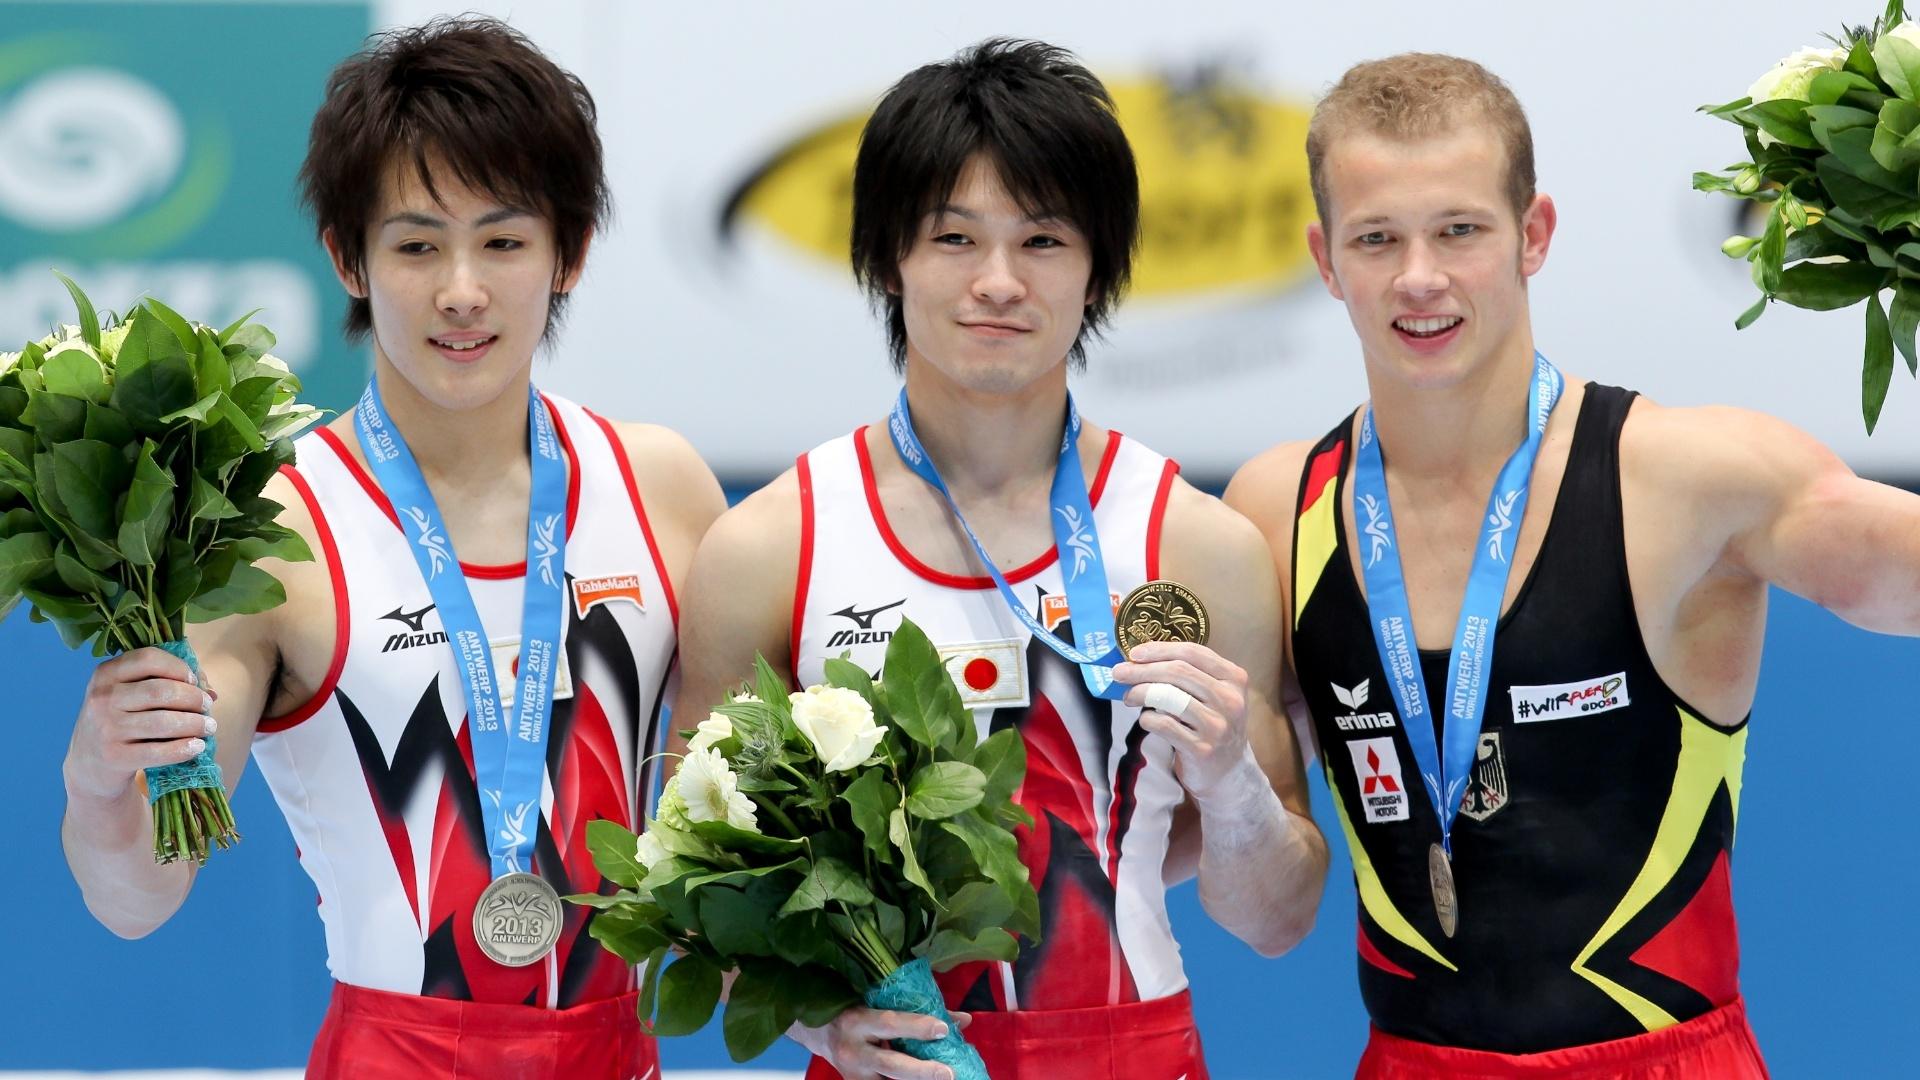 03.10.2013 - Ryohei Kato, Kohei Uchimura e Fabian Hambuechen, da Alemanha, posam com as medalhas do Individual Geral no Mundial da Antuérpia